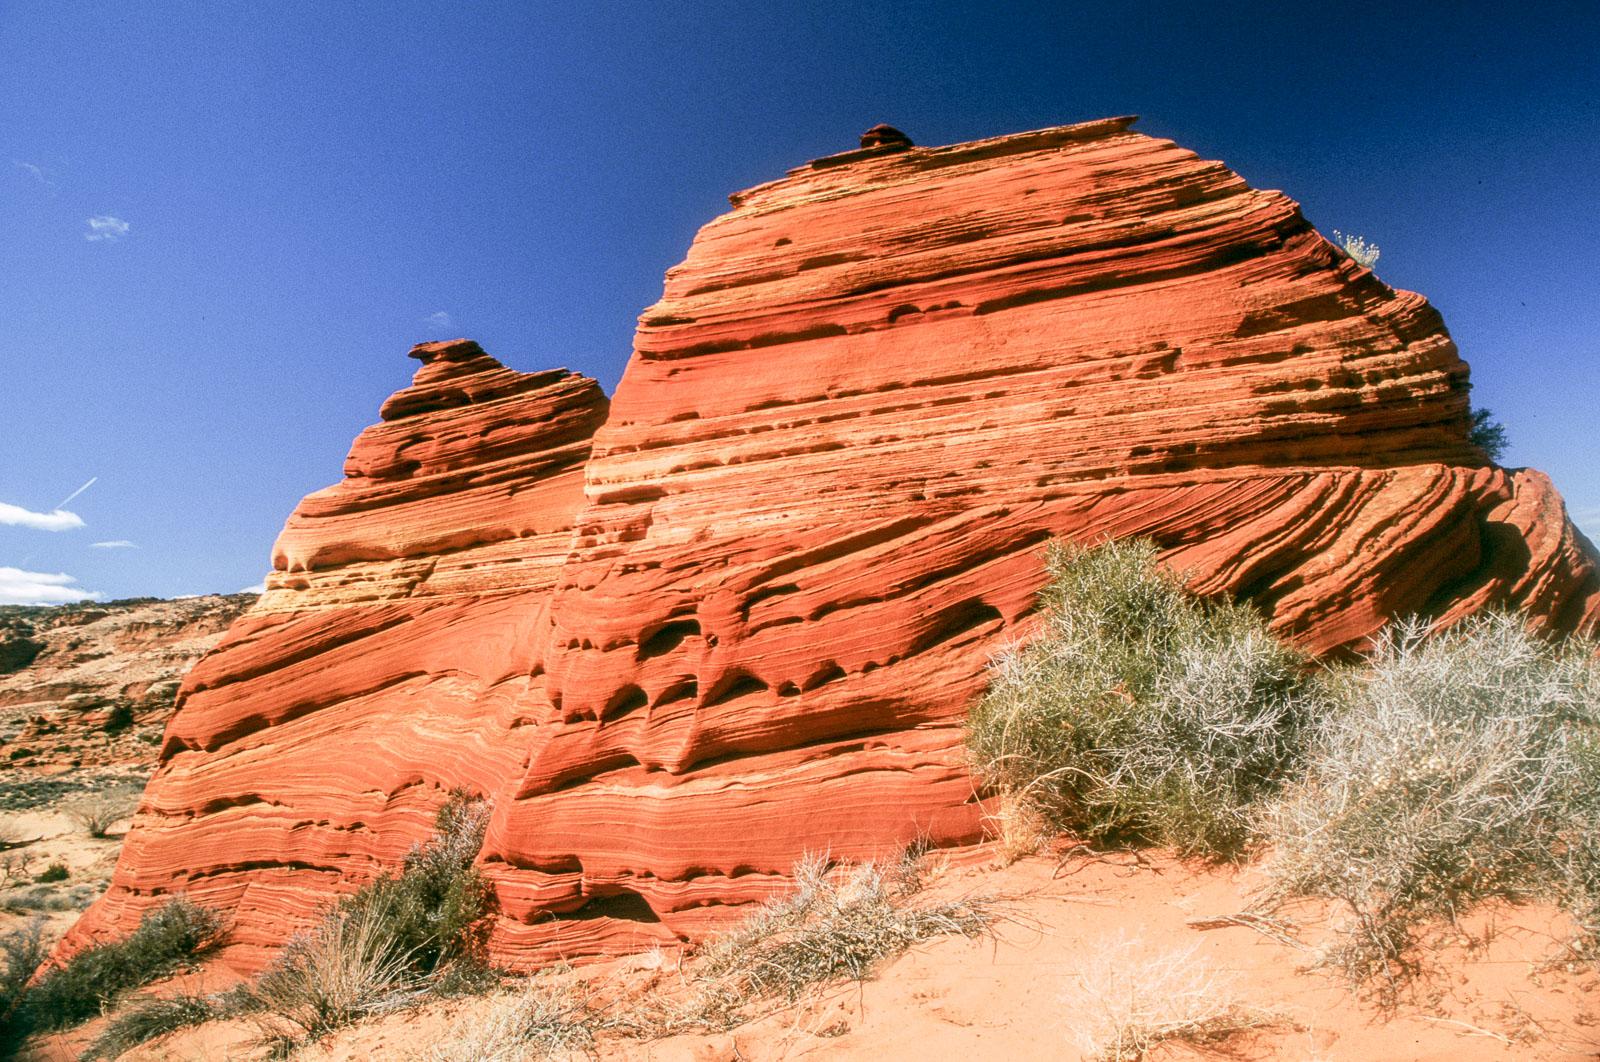 meltingrock.jpg